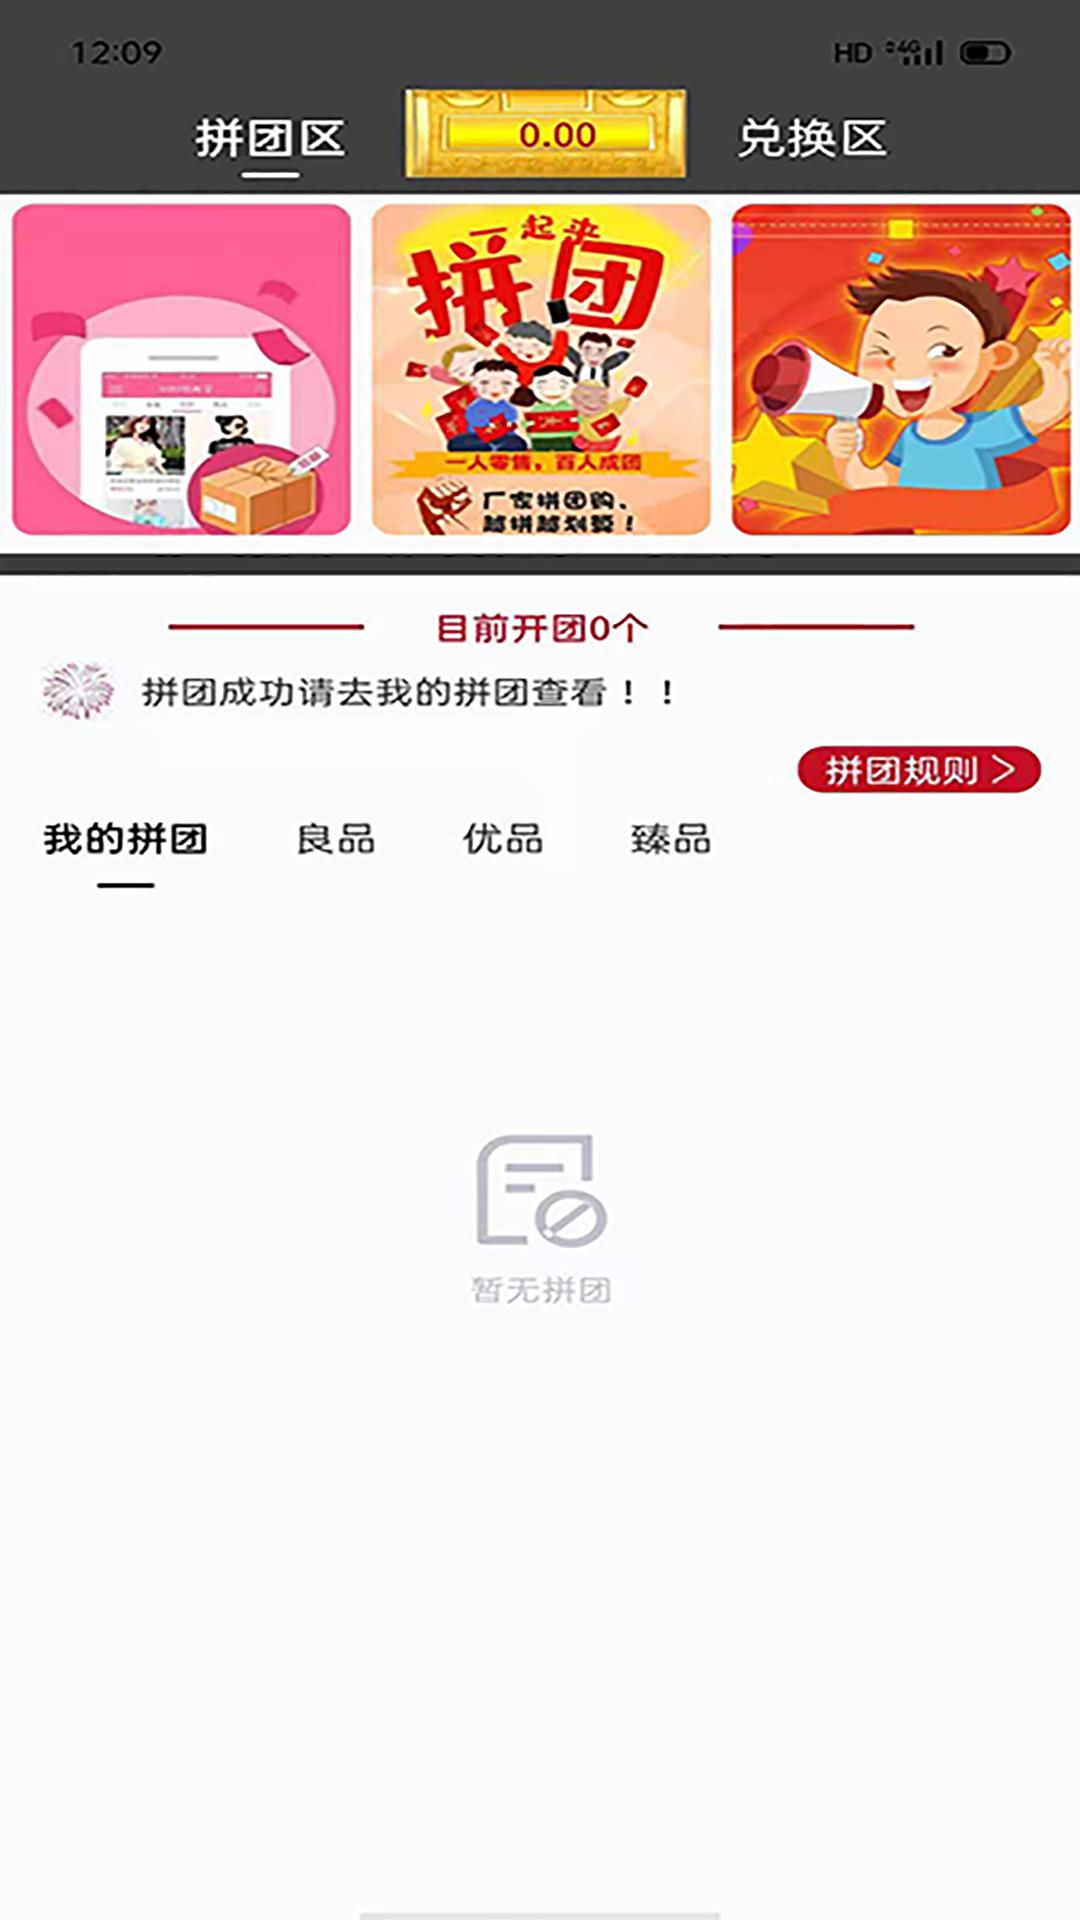 臻德品酷app官方版图1: